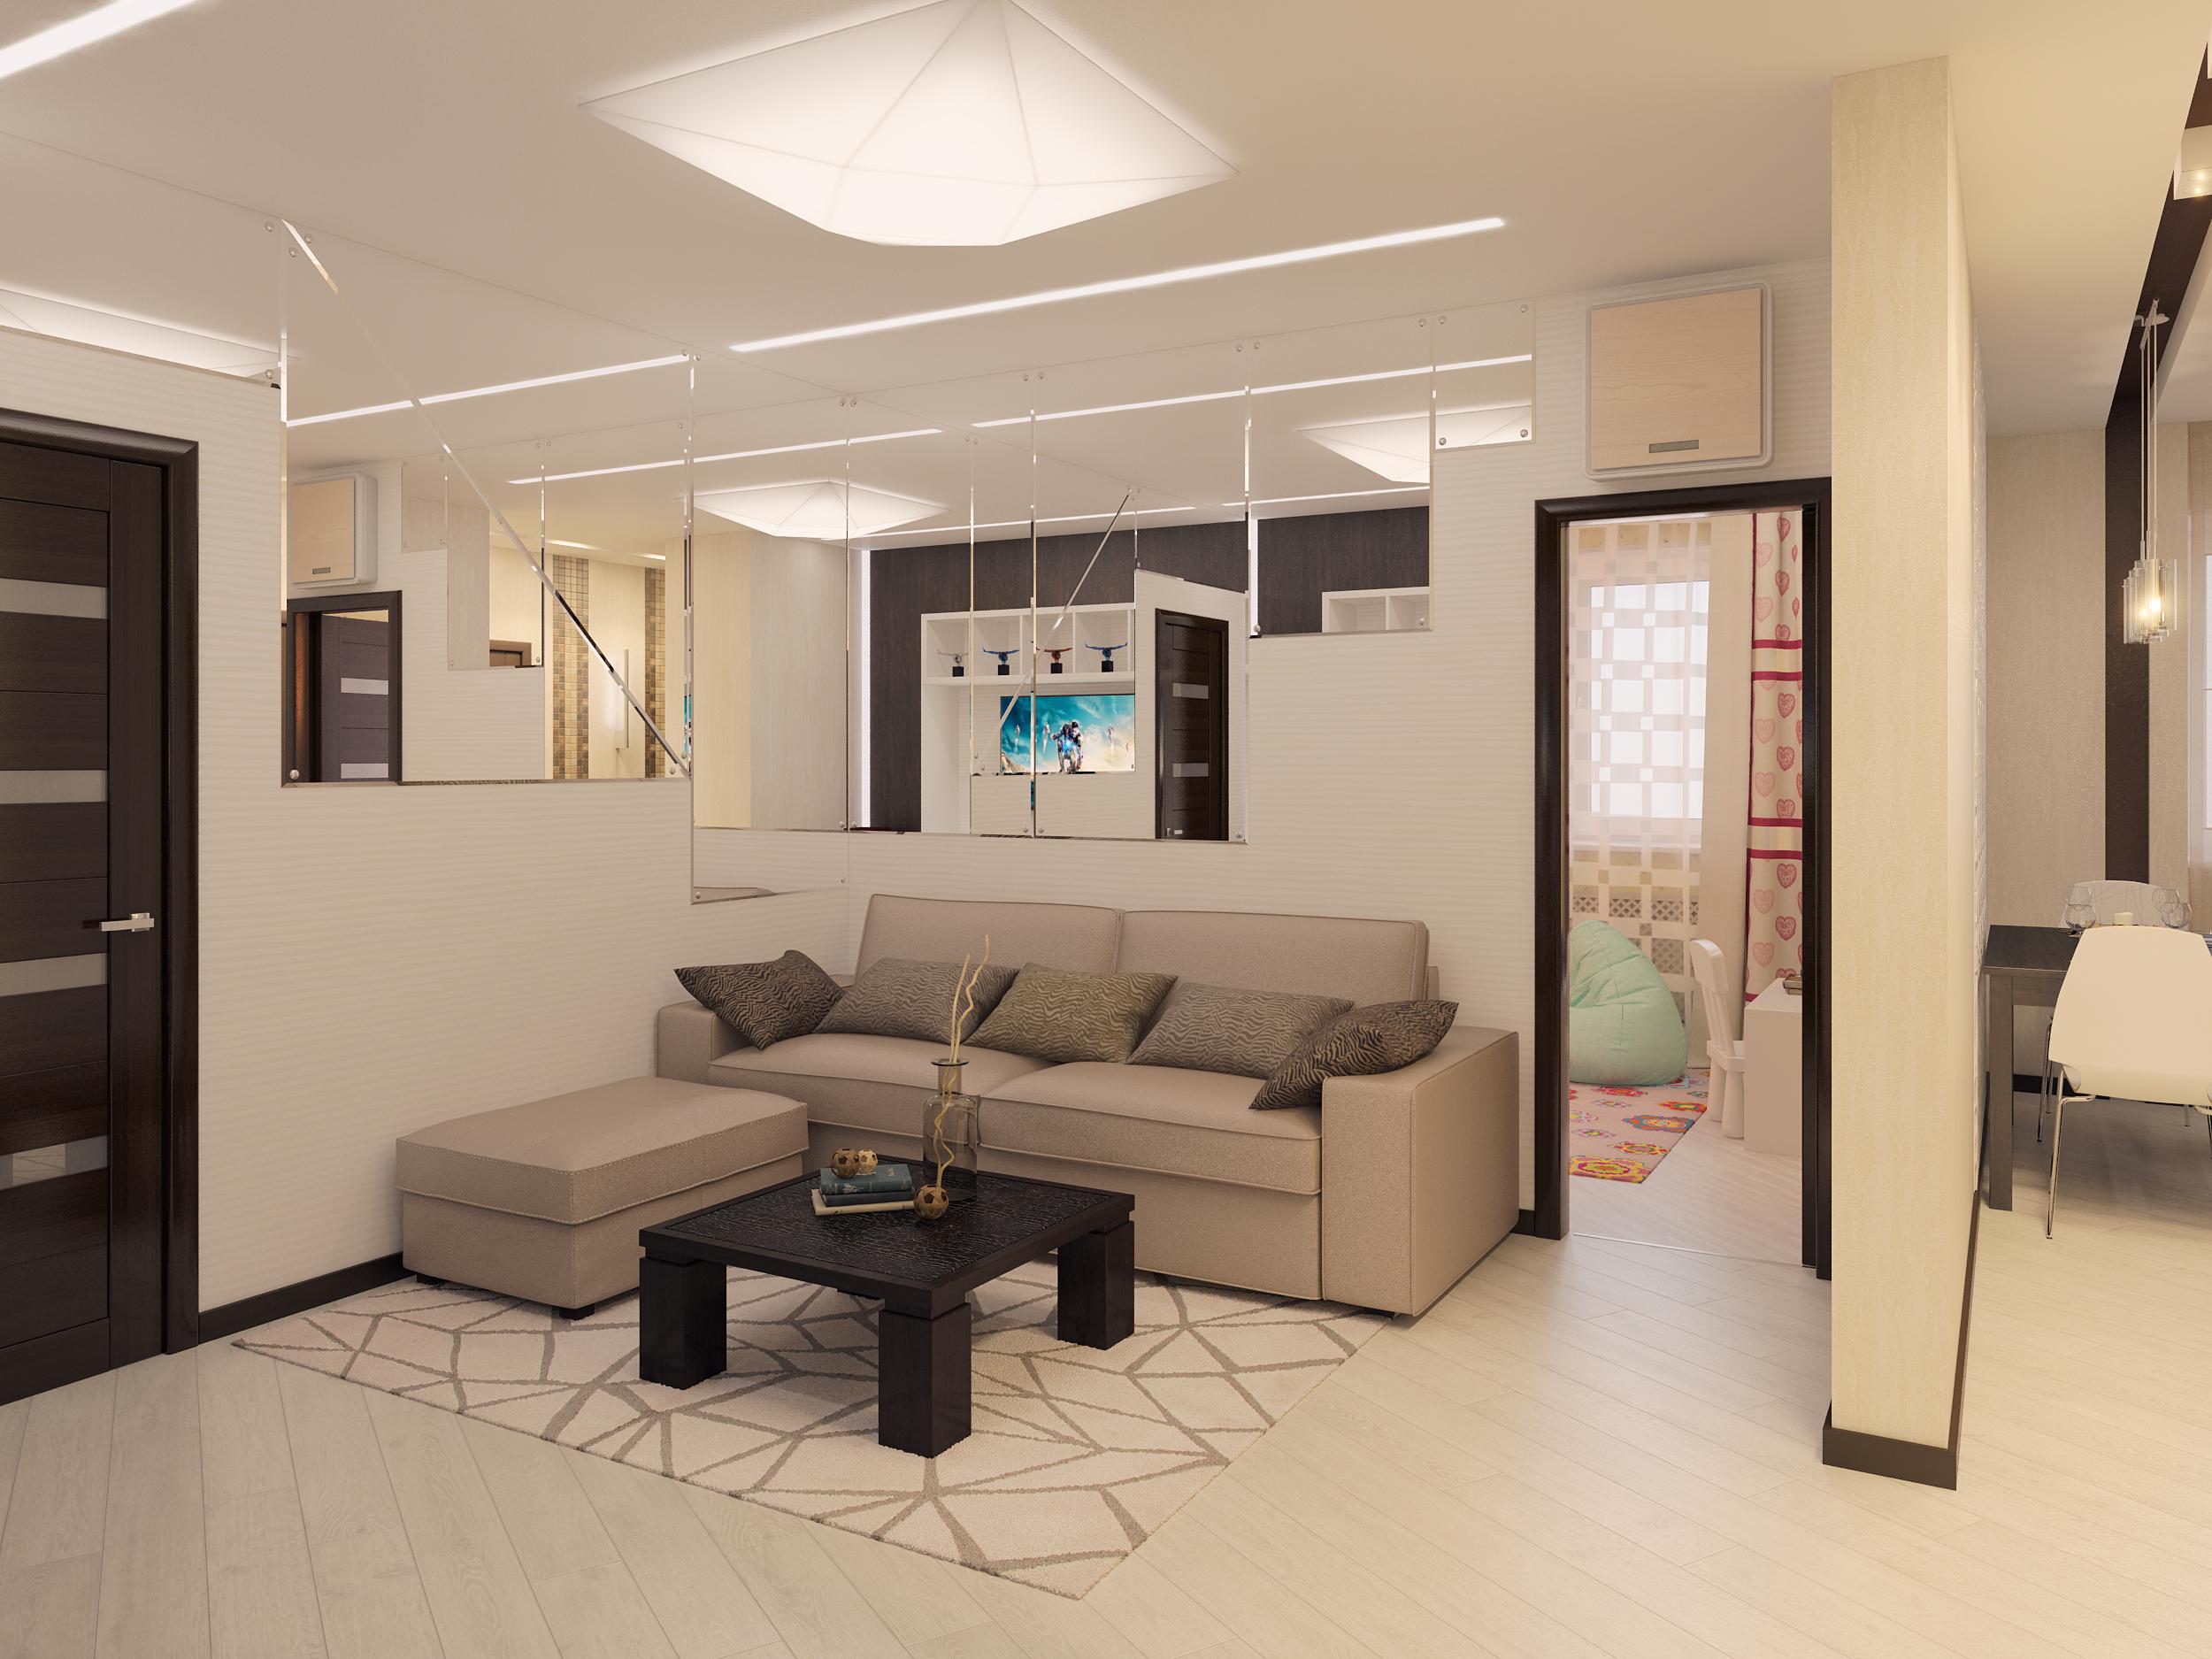 Планировка и дизайн однокомнатной квартиры 37 кв м